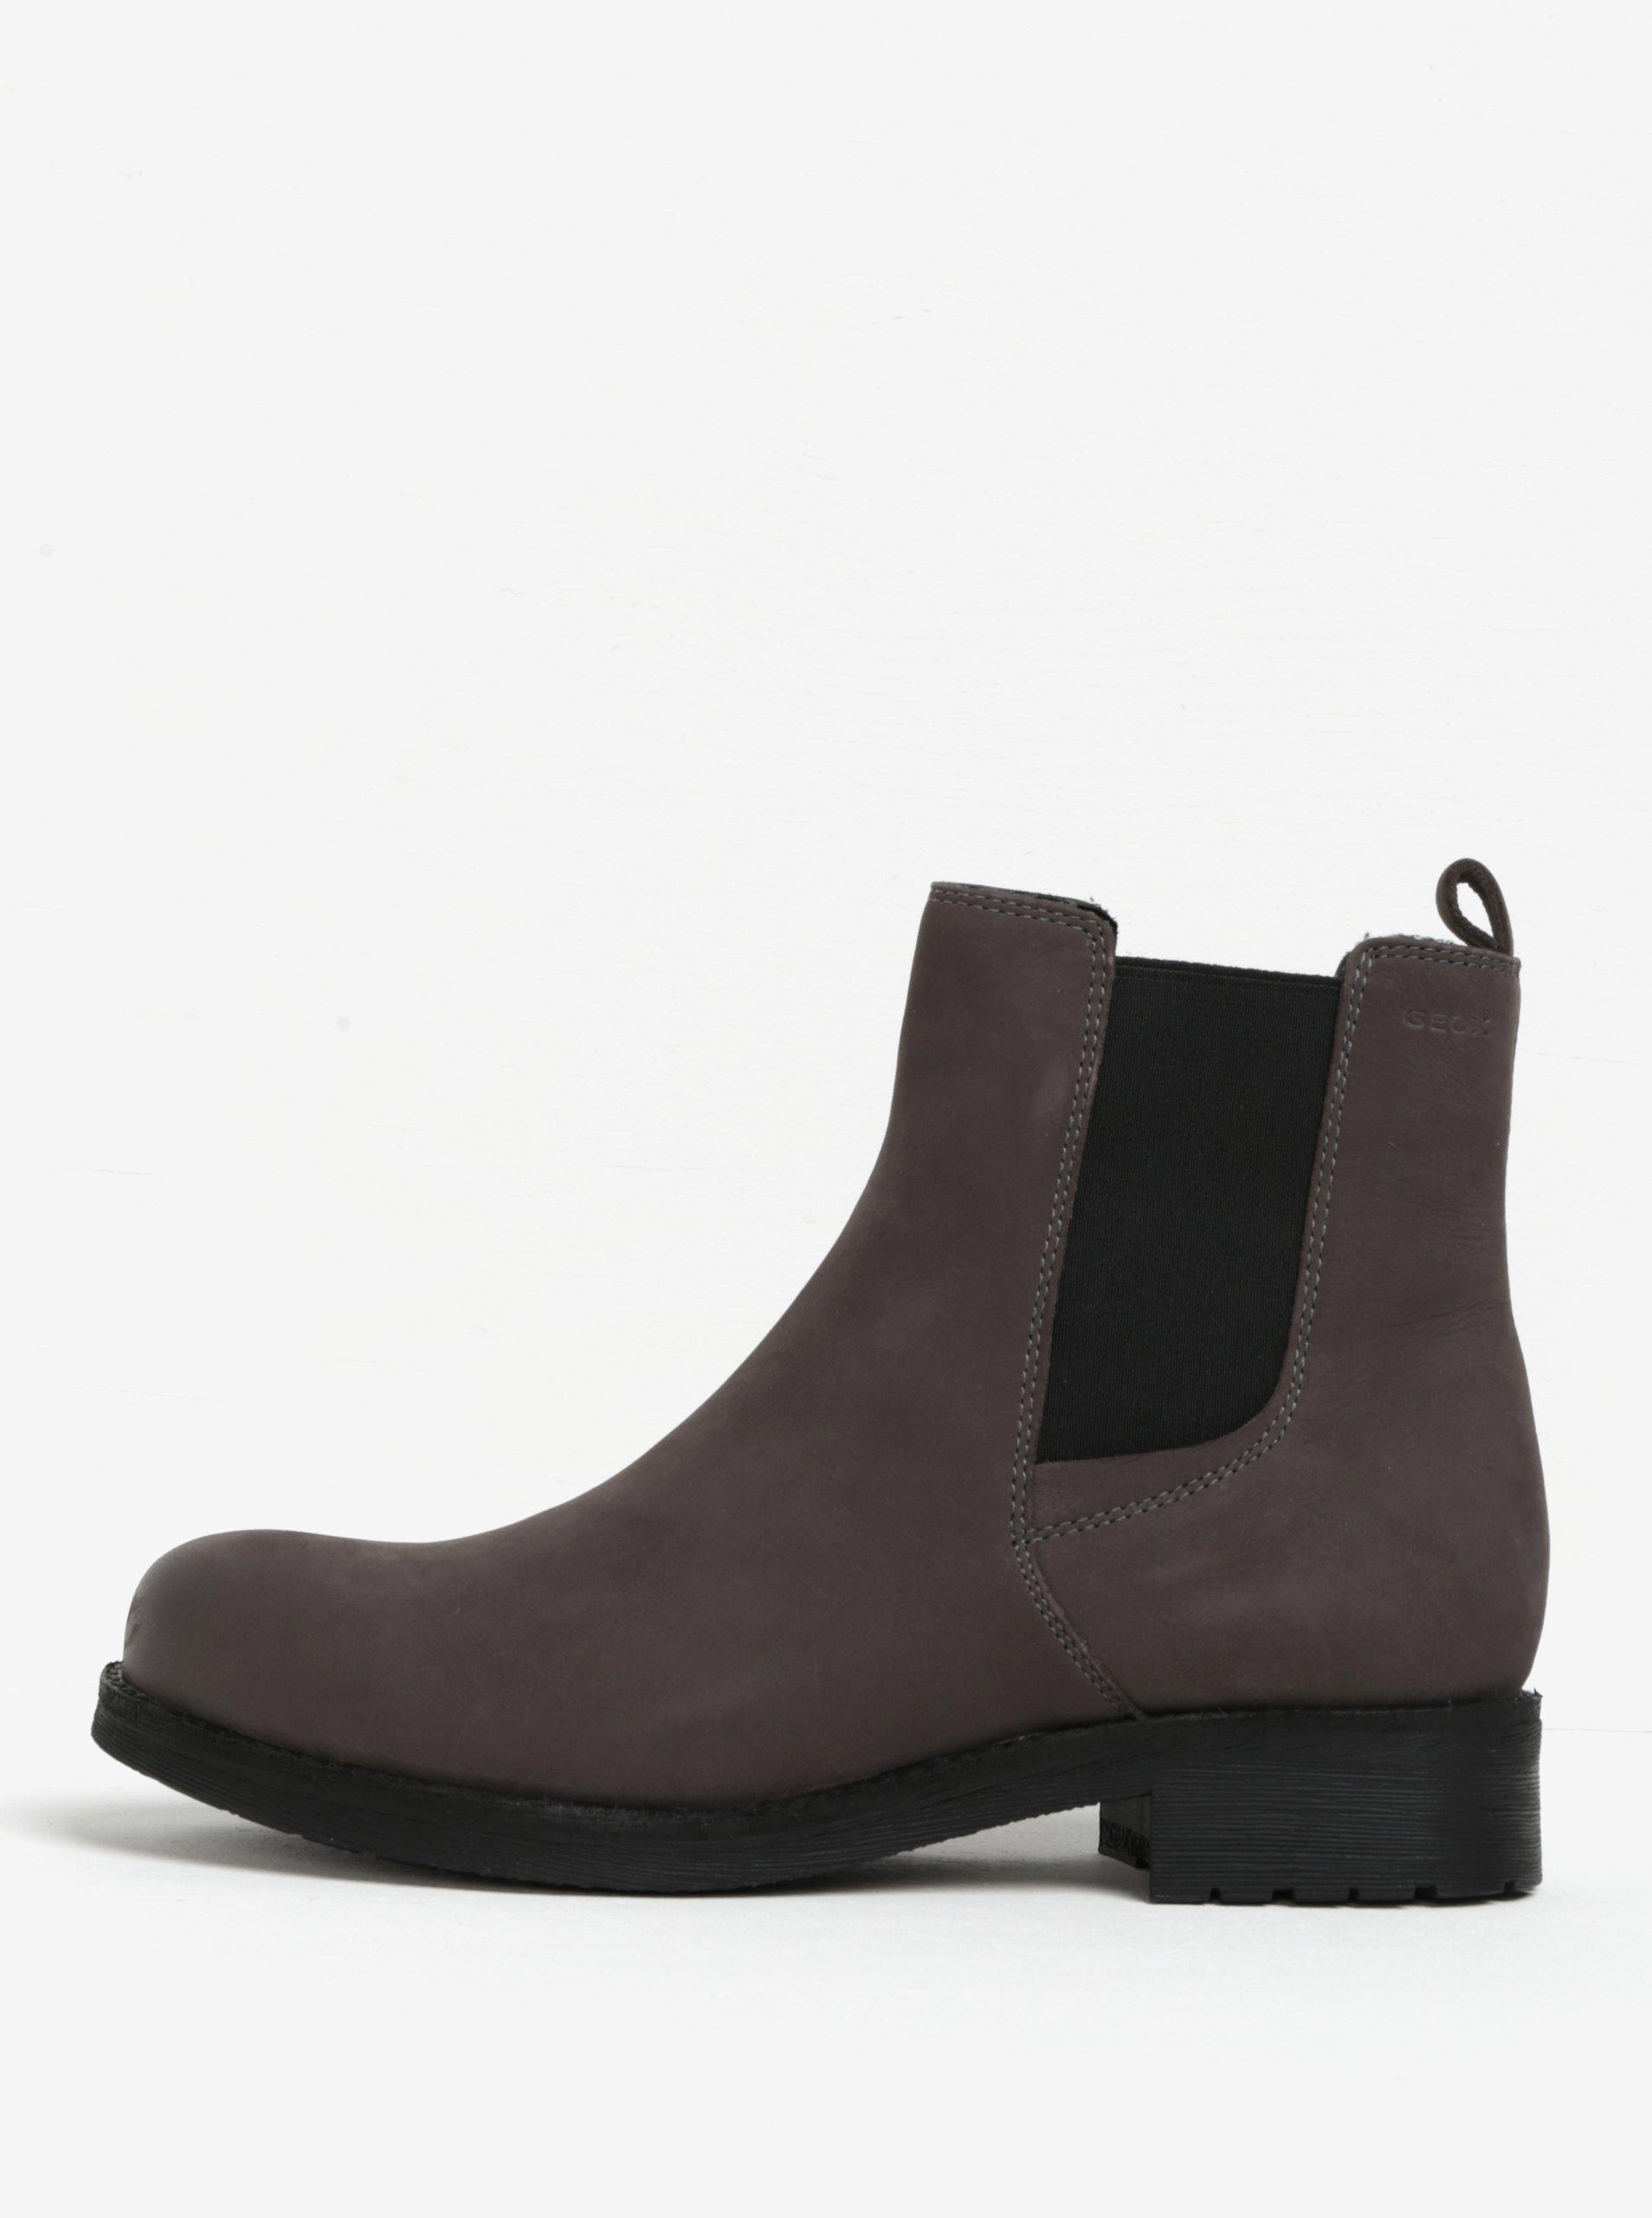 Tmavě šedé dámské kožené chelsea boty Geox New Virna